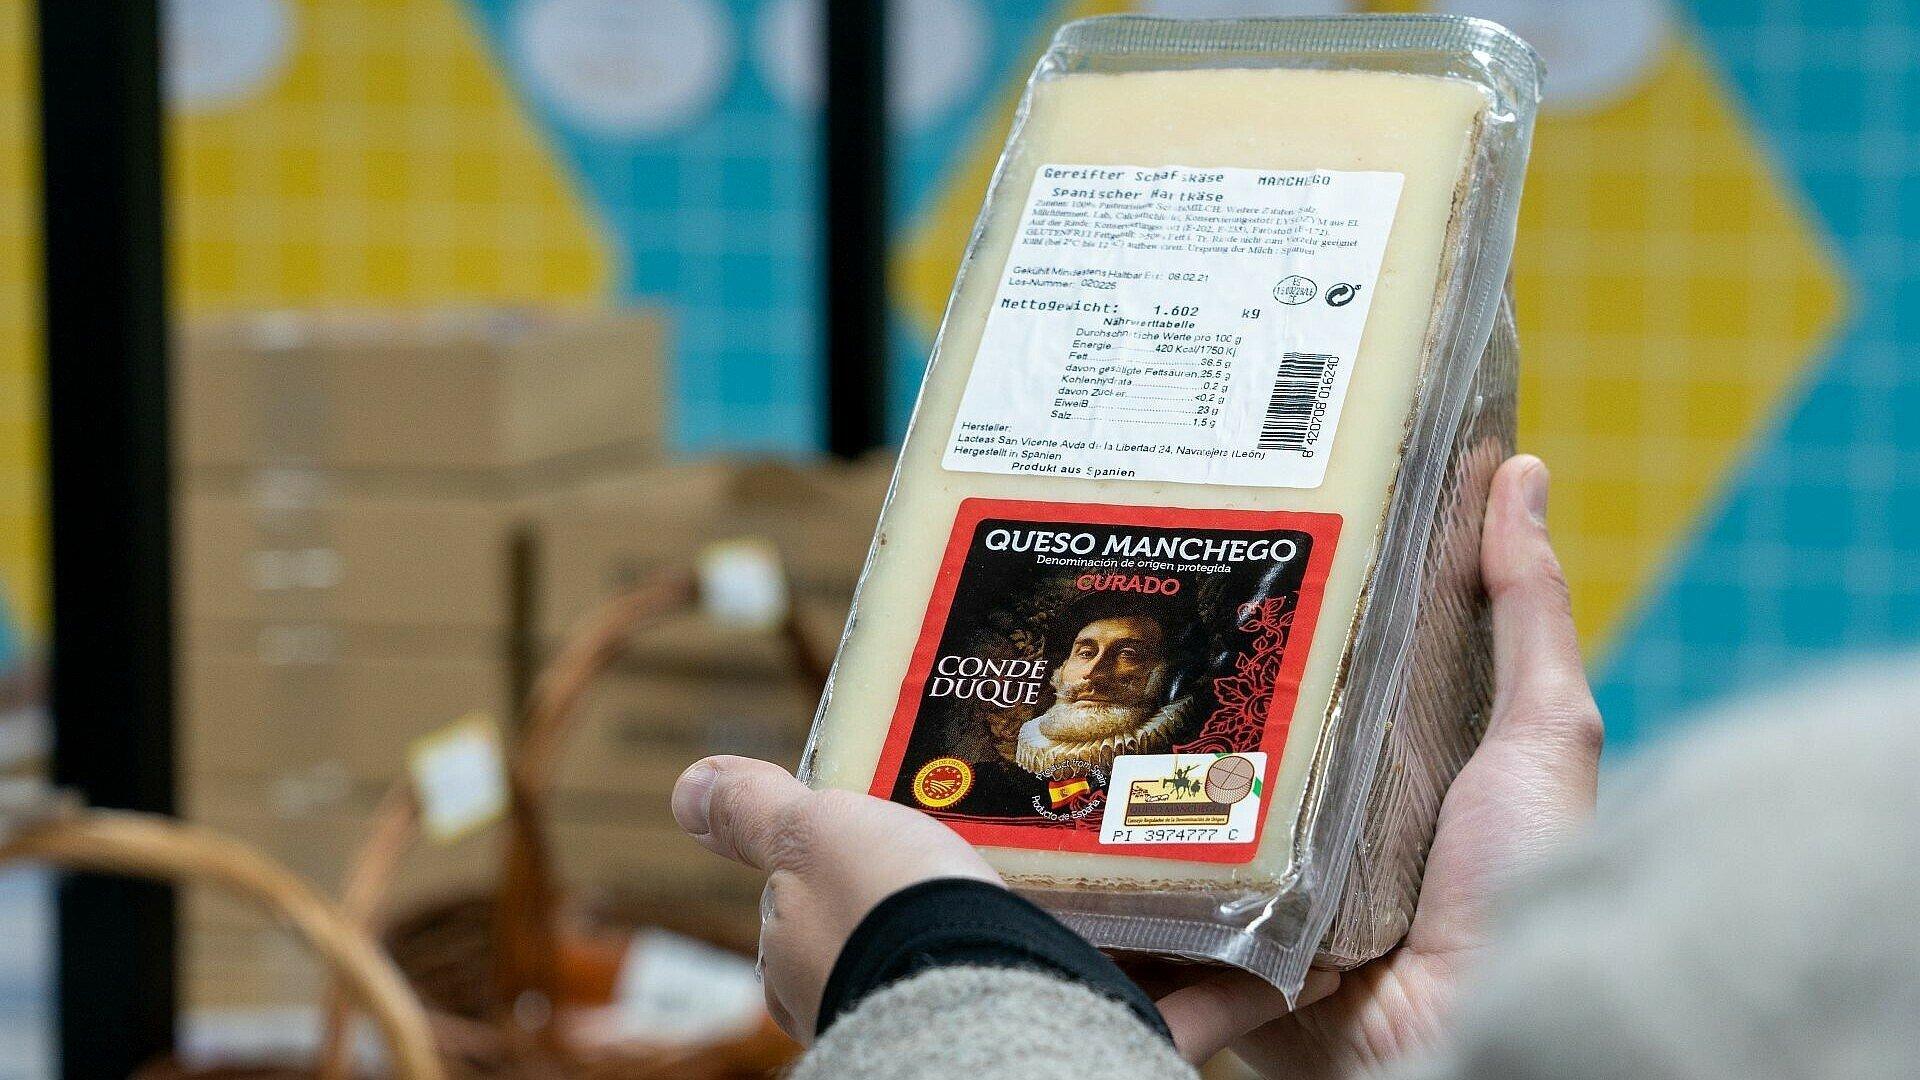 Queso Manchego im spanischen Supermarkt Solera in Bickendorf